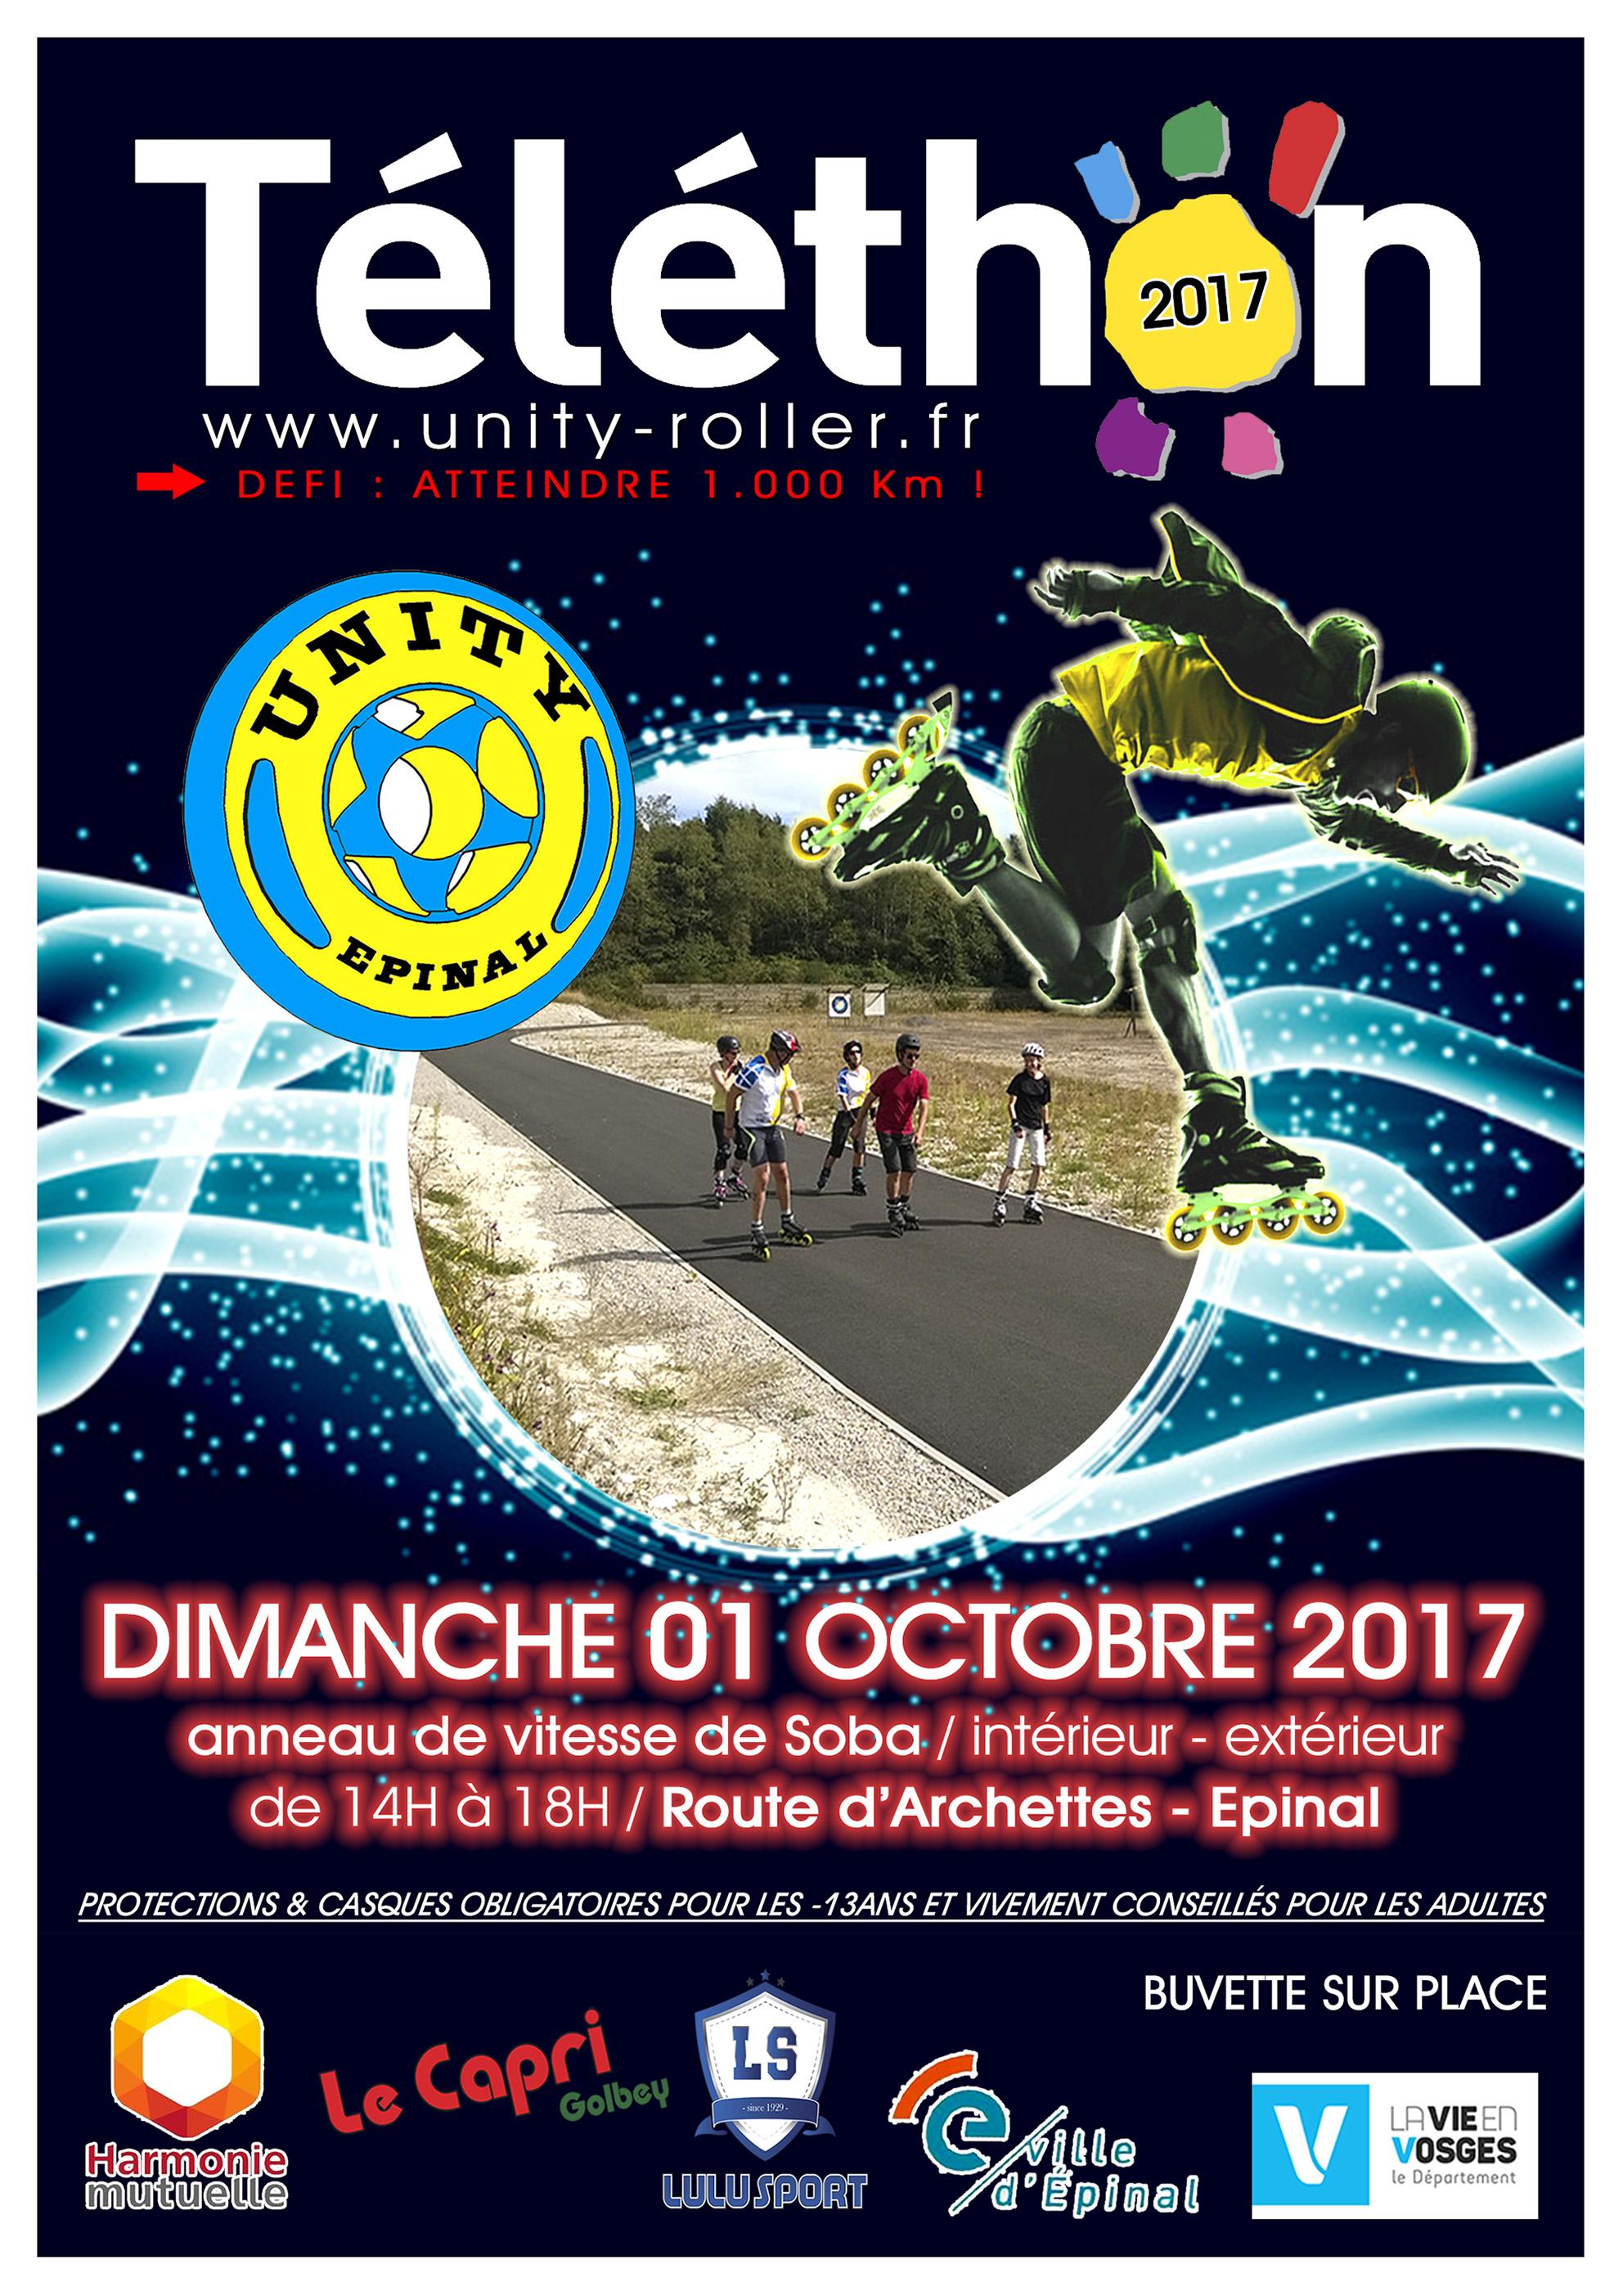 Affiche-Téléthon-Unity-Roller20171